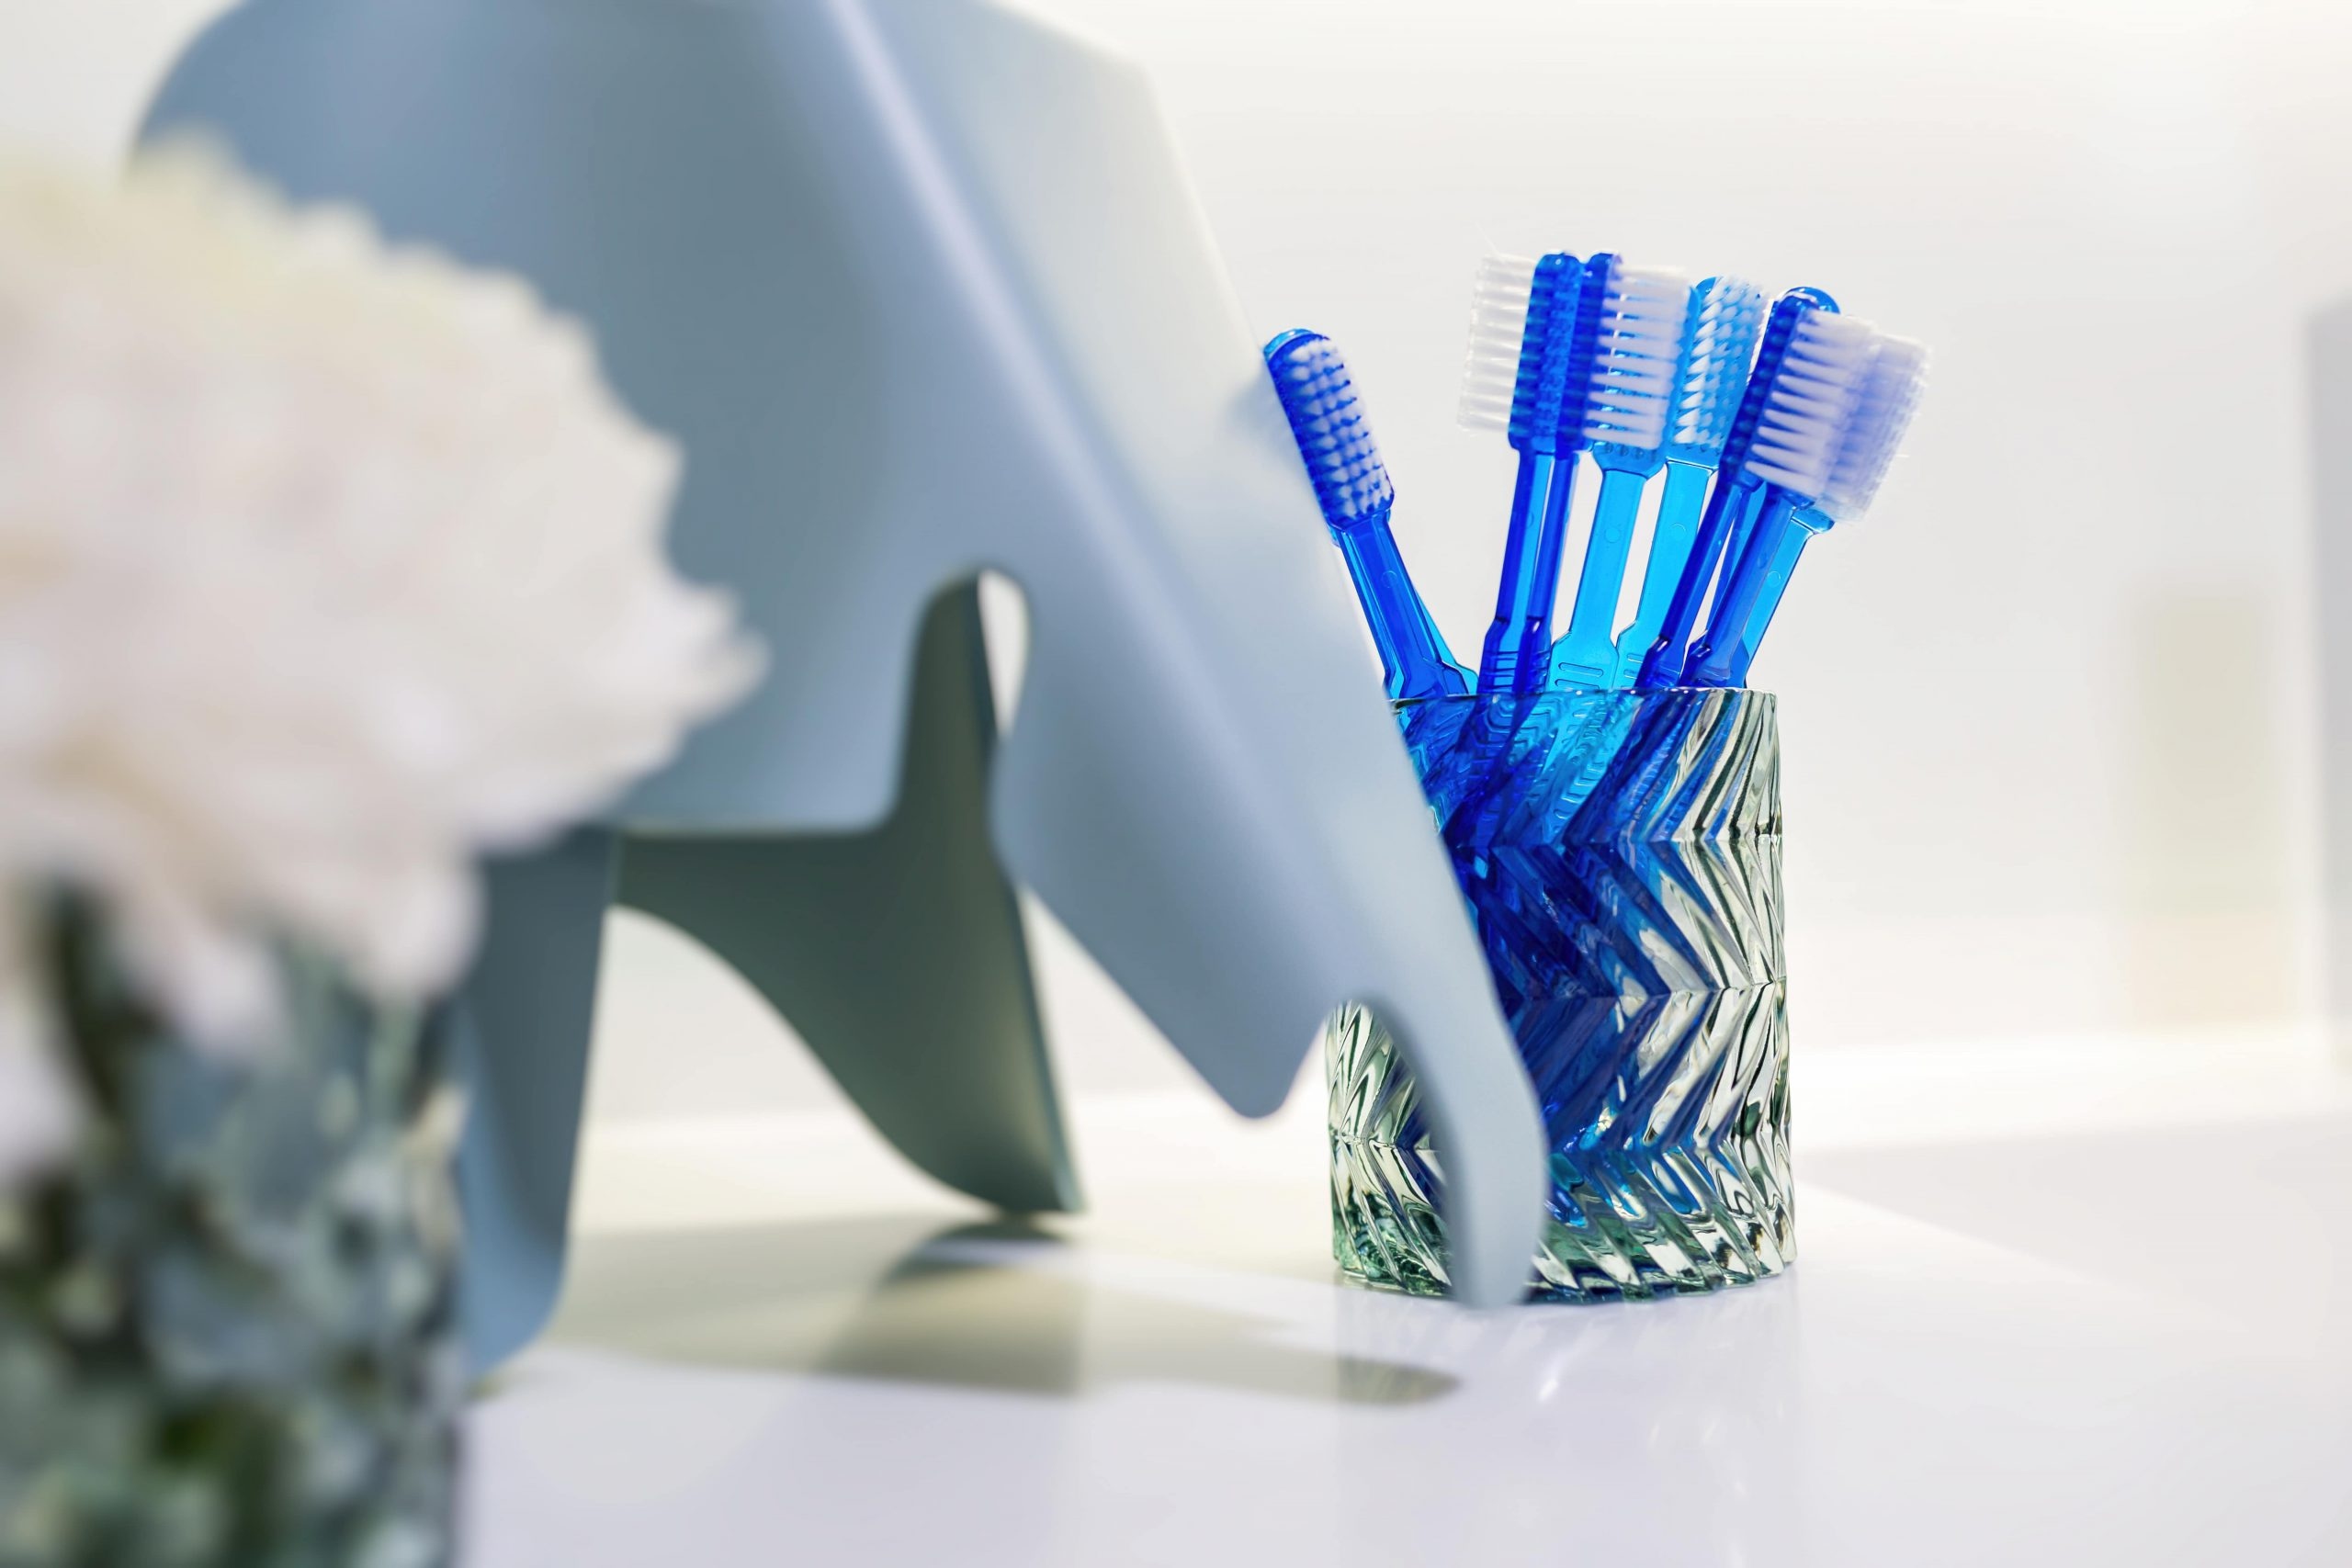 Prophylaxe und Mundhygiene spielerisch mit blauen Zahnbürsten und Elefanten.